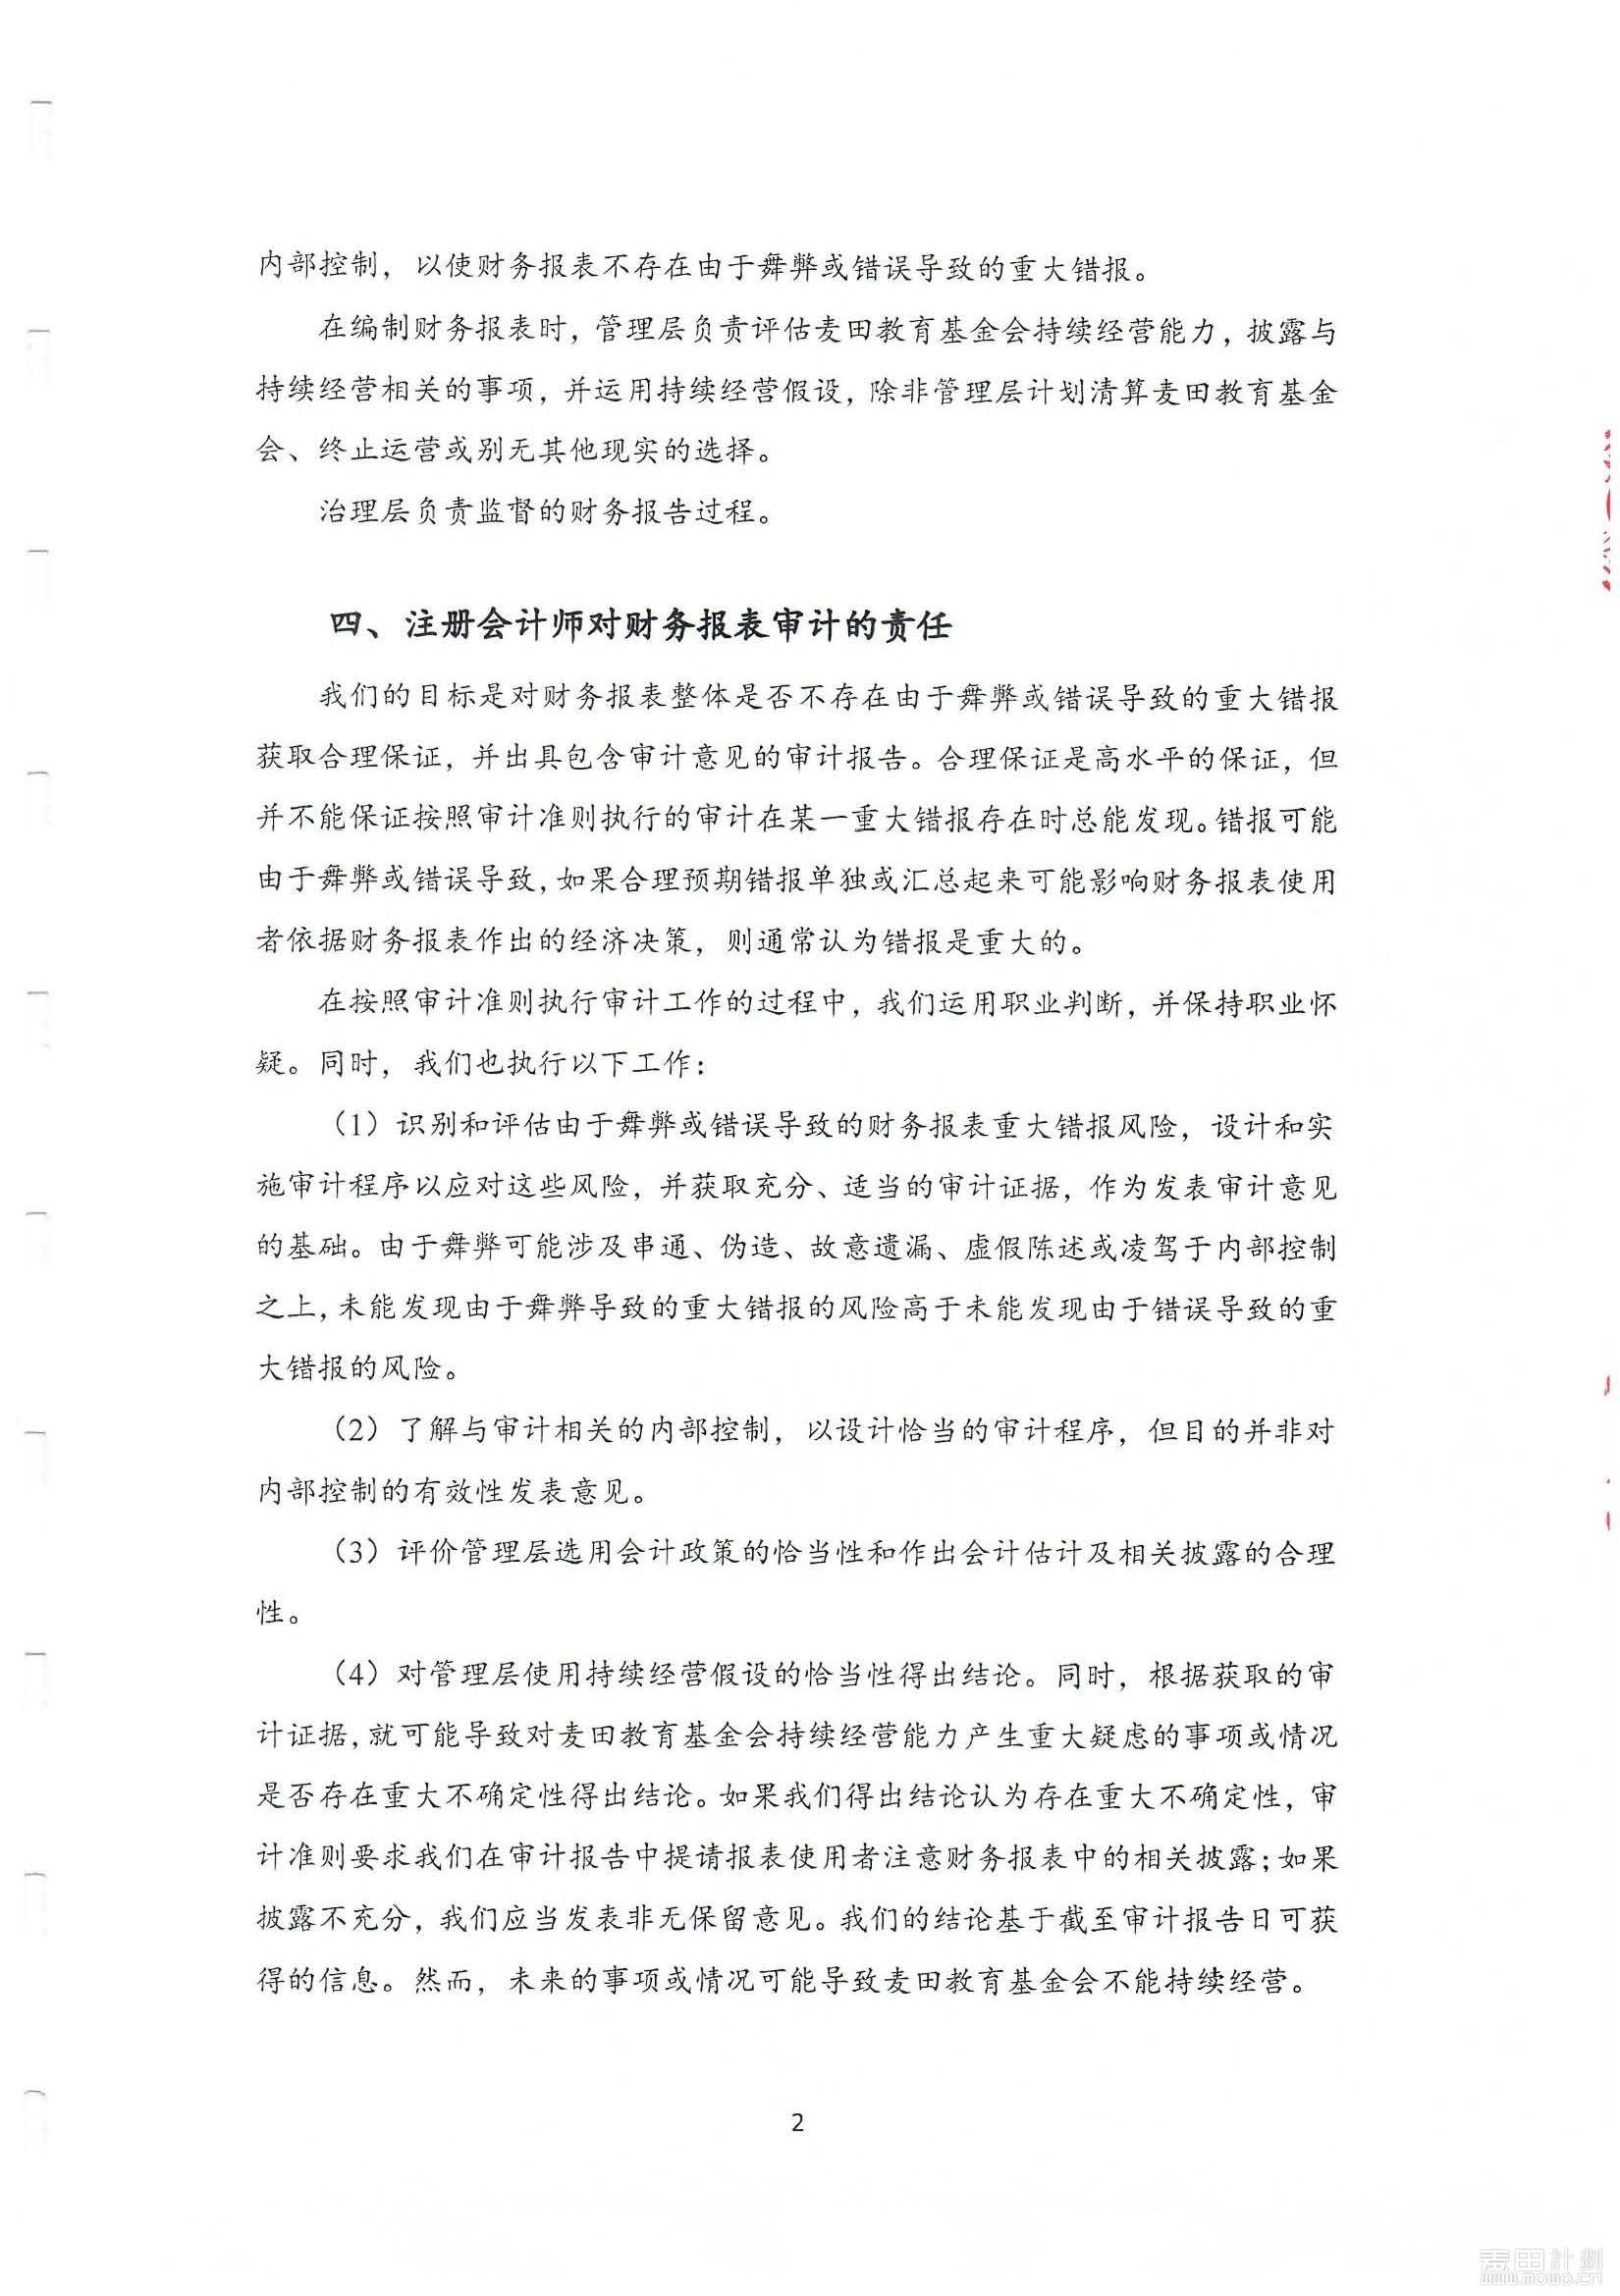 2018年麦田审计报告_页面_04.jpg